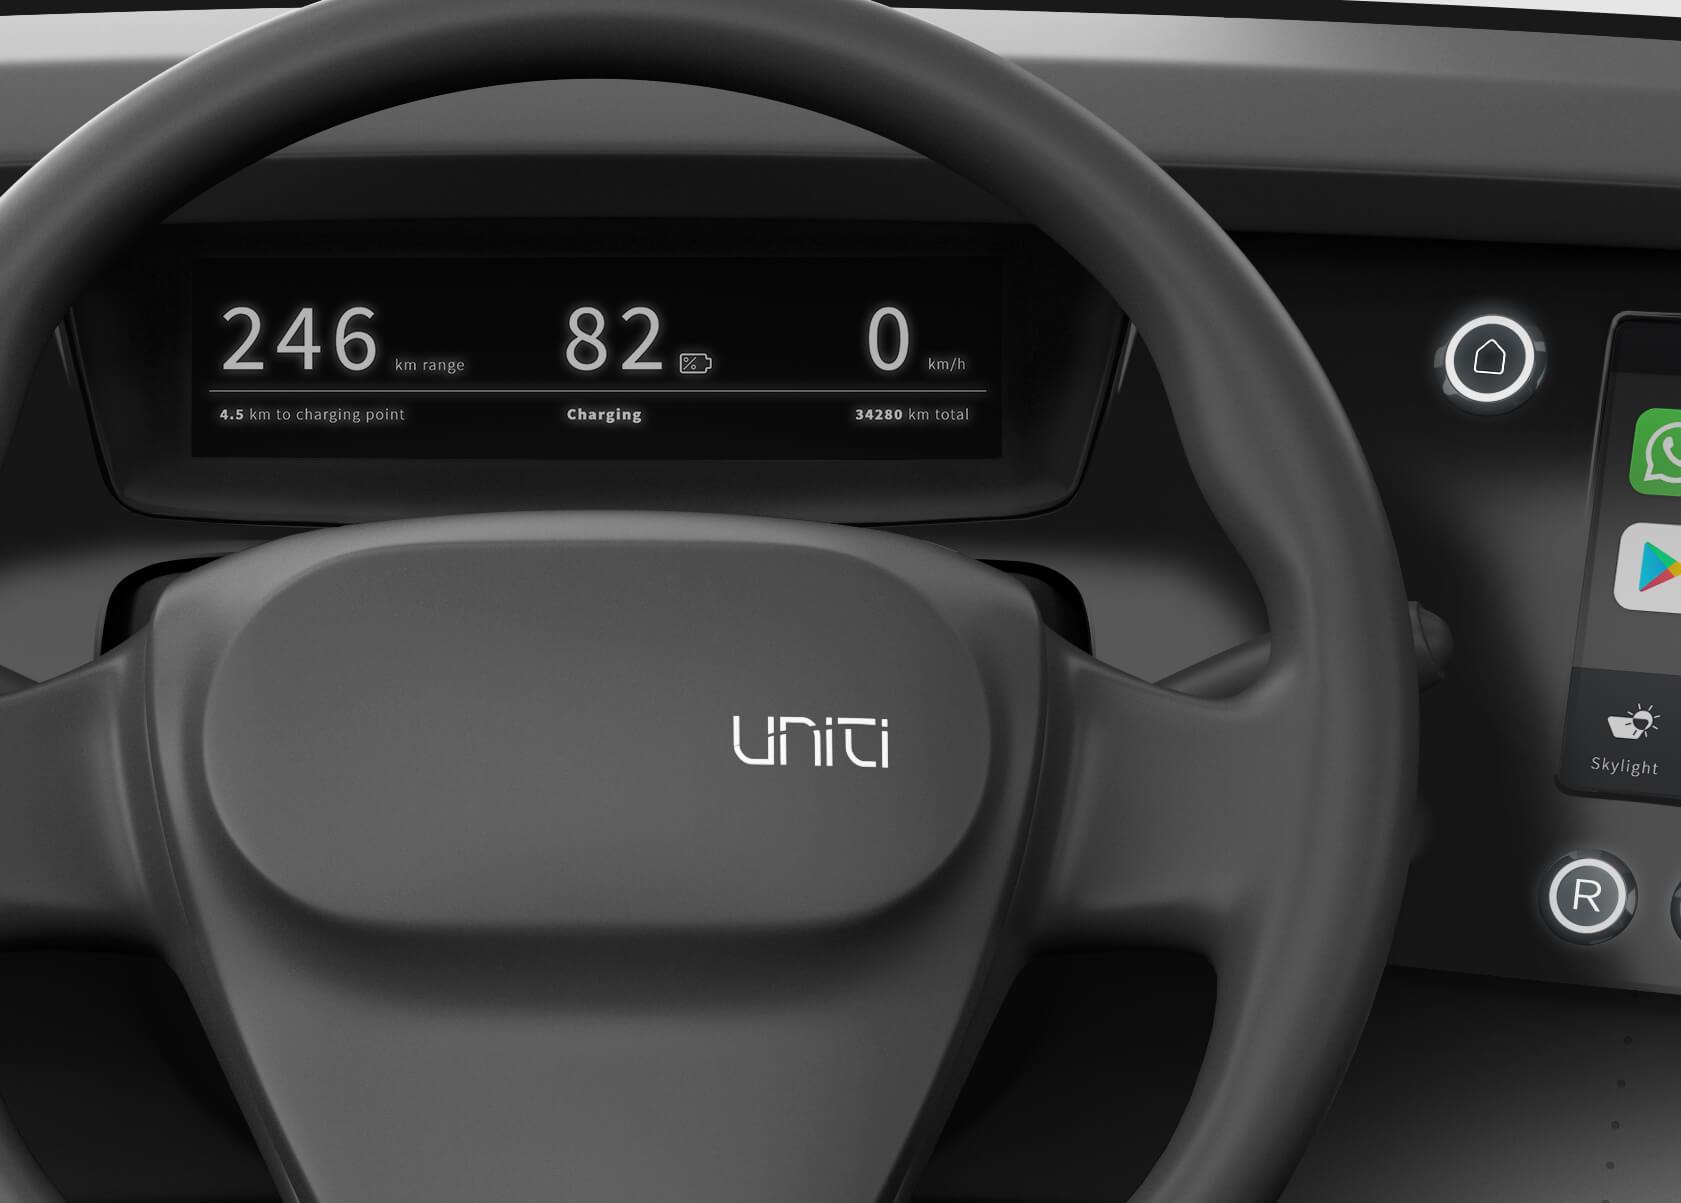 Приборная панель электромобиля Uniti One